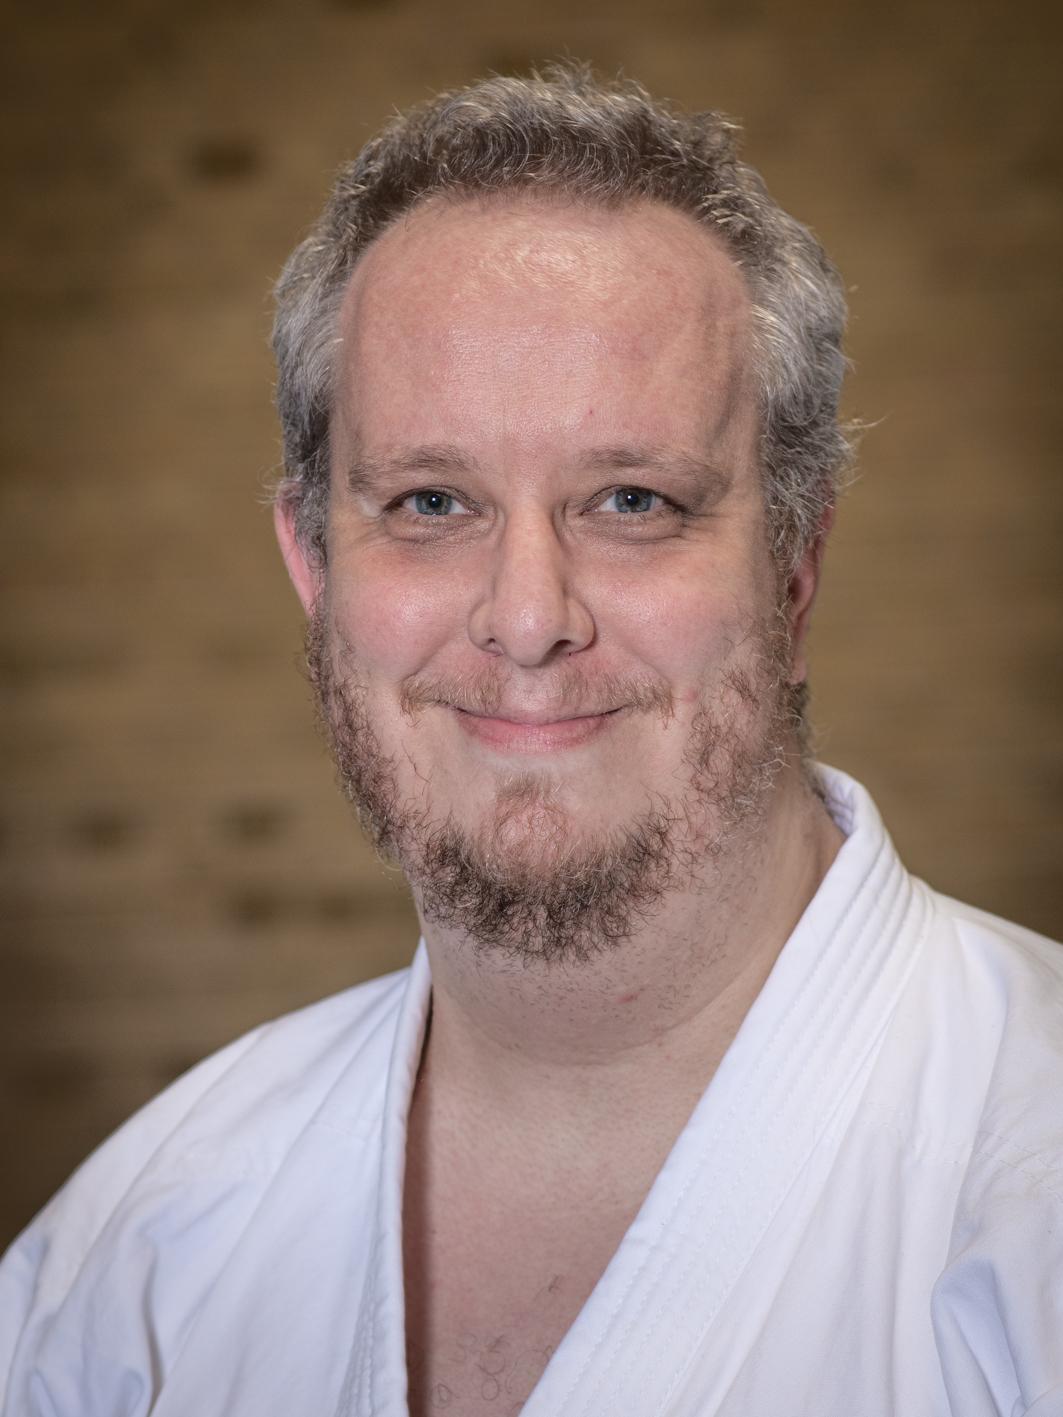 Dani Mikkelsen